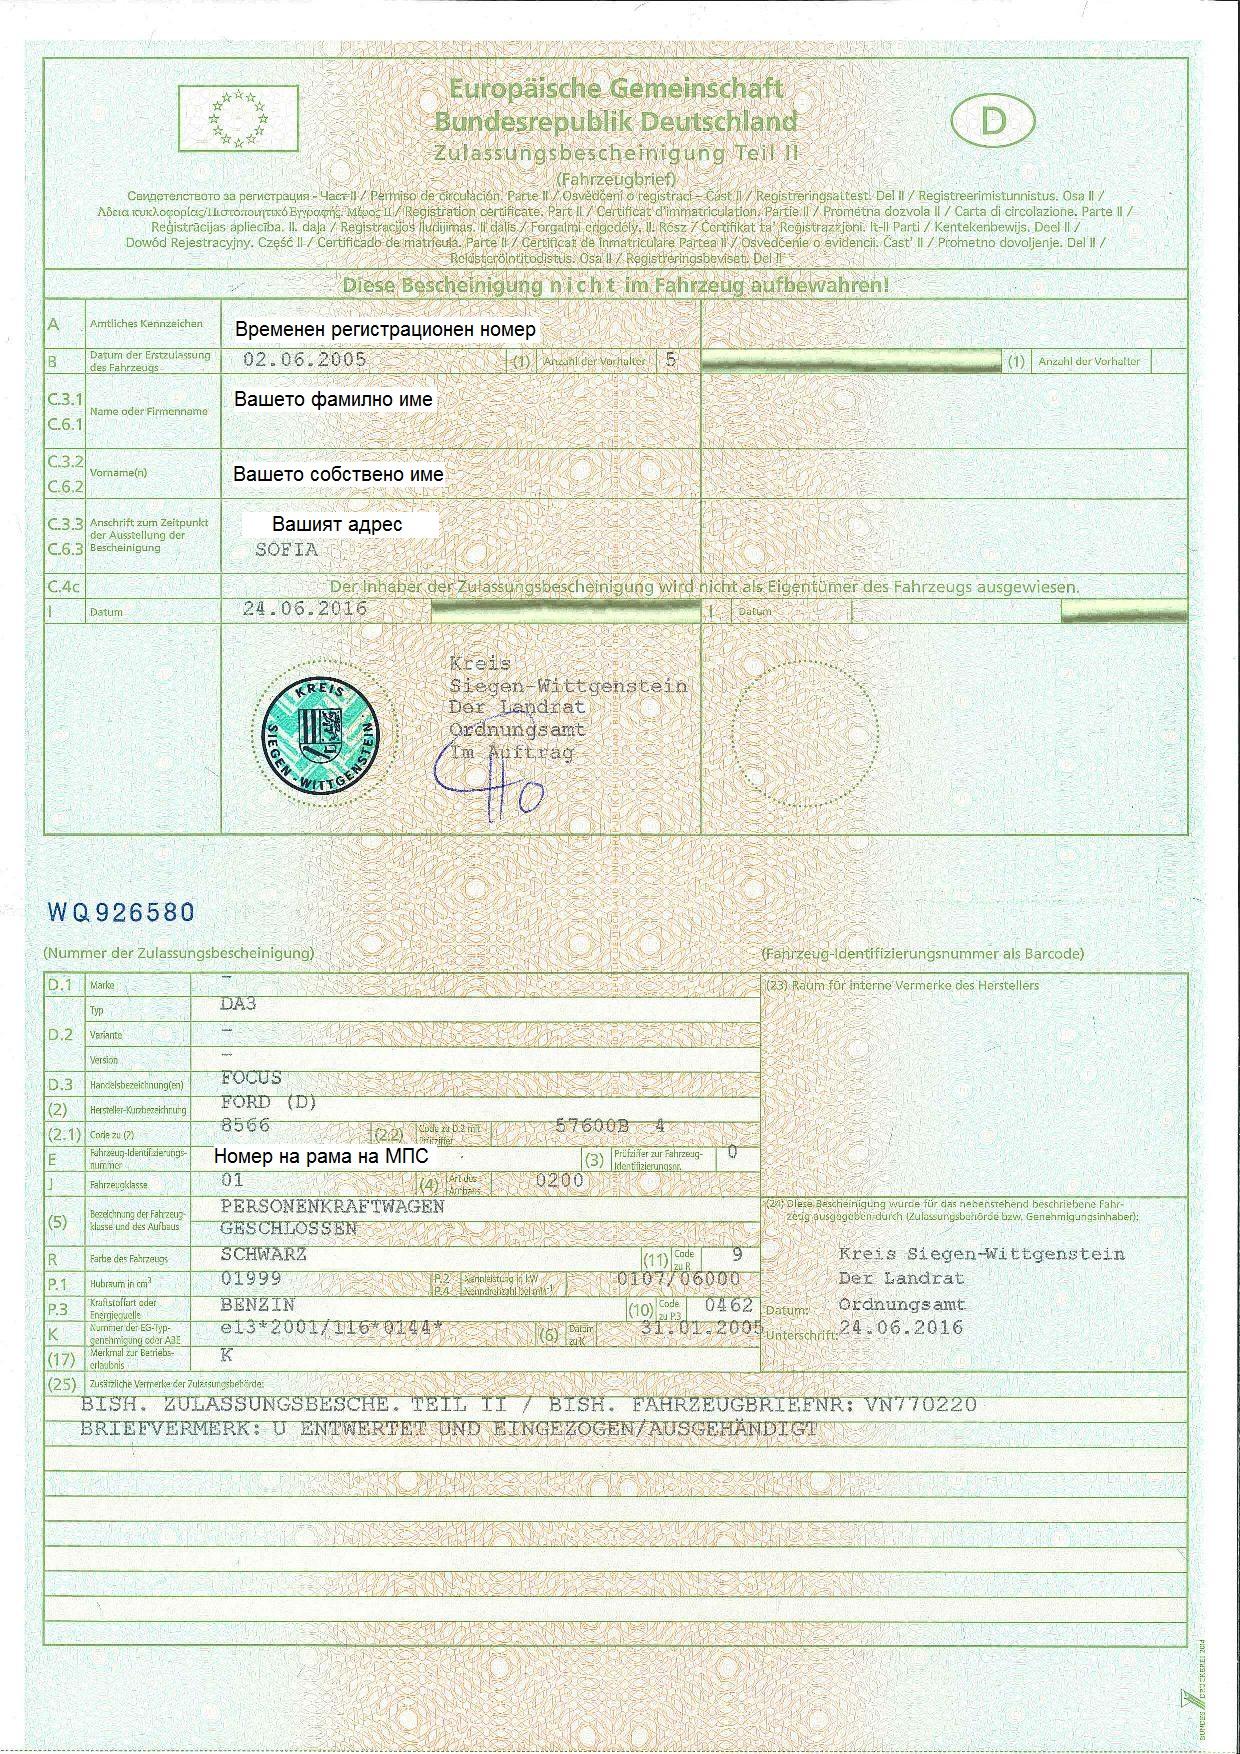 Zulassungsbescheinigung Teil II (big registration document) - front side